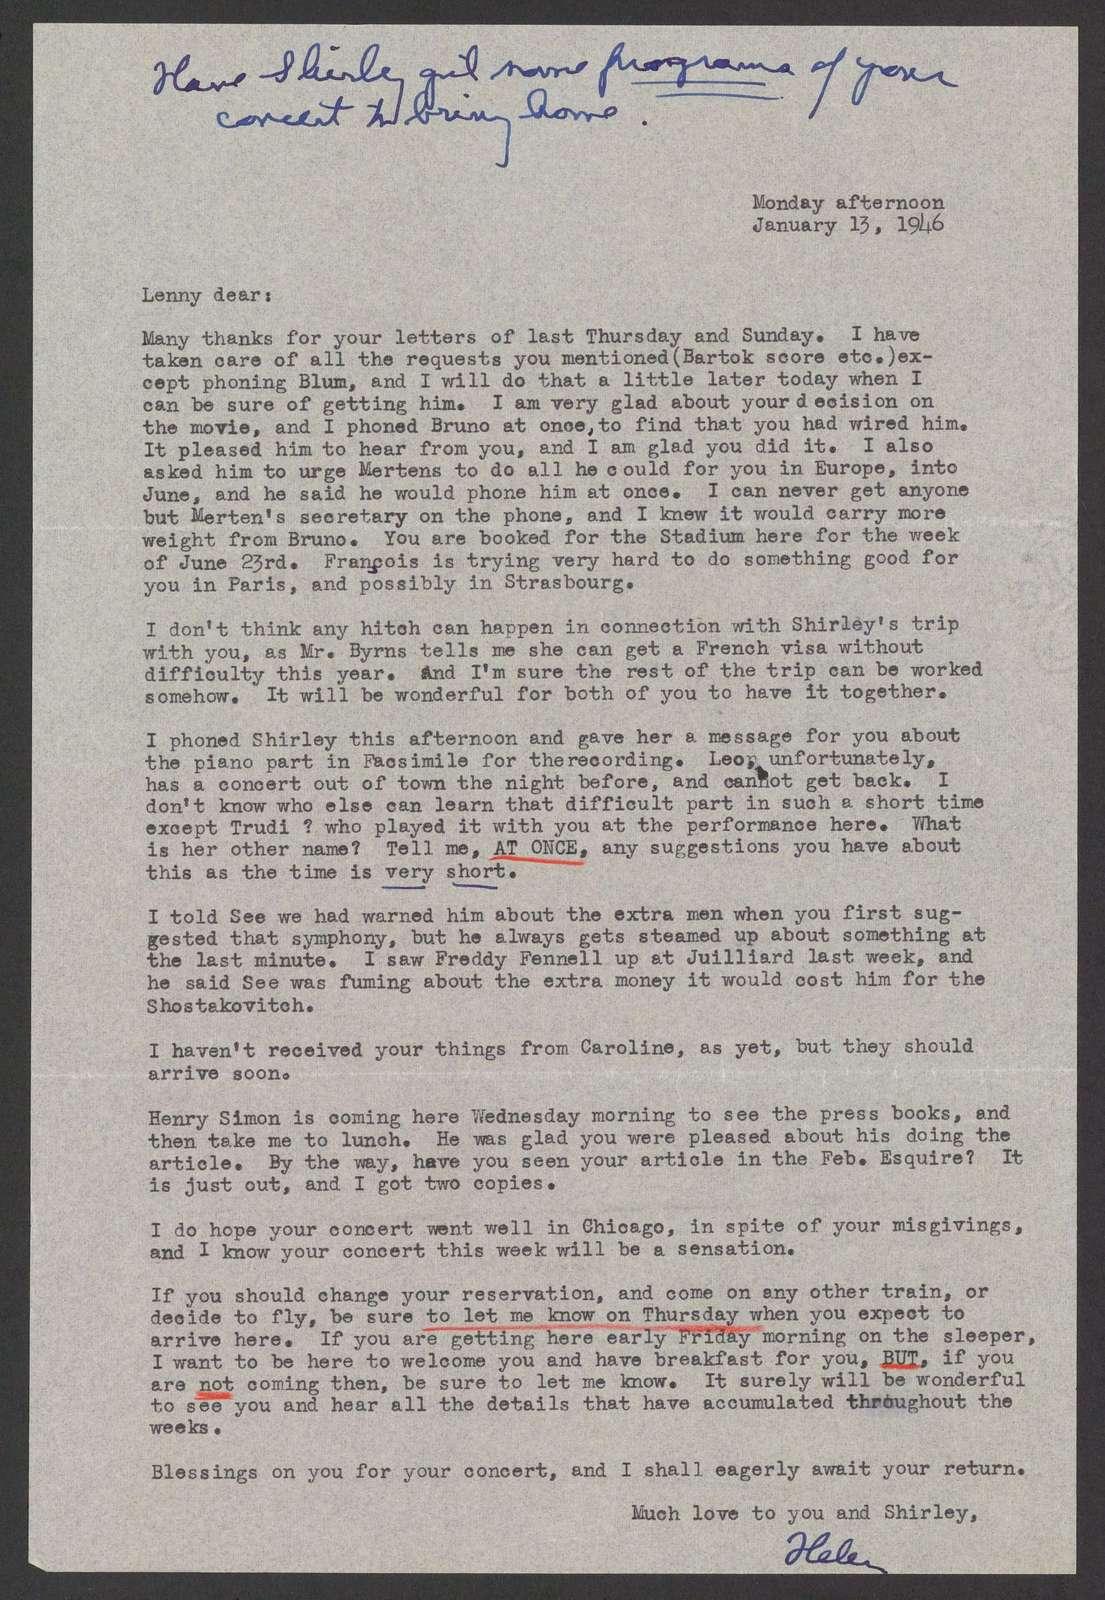 Helen Coates to Leonard Bernstein, January 13, 1946